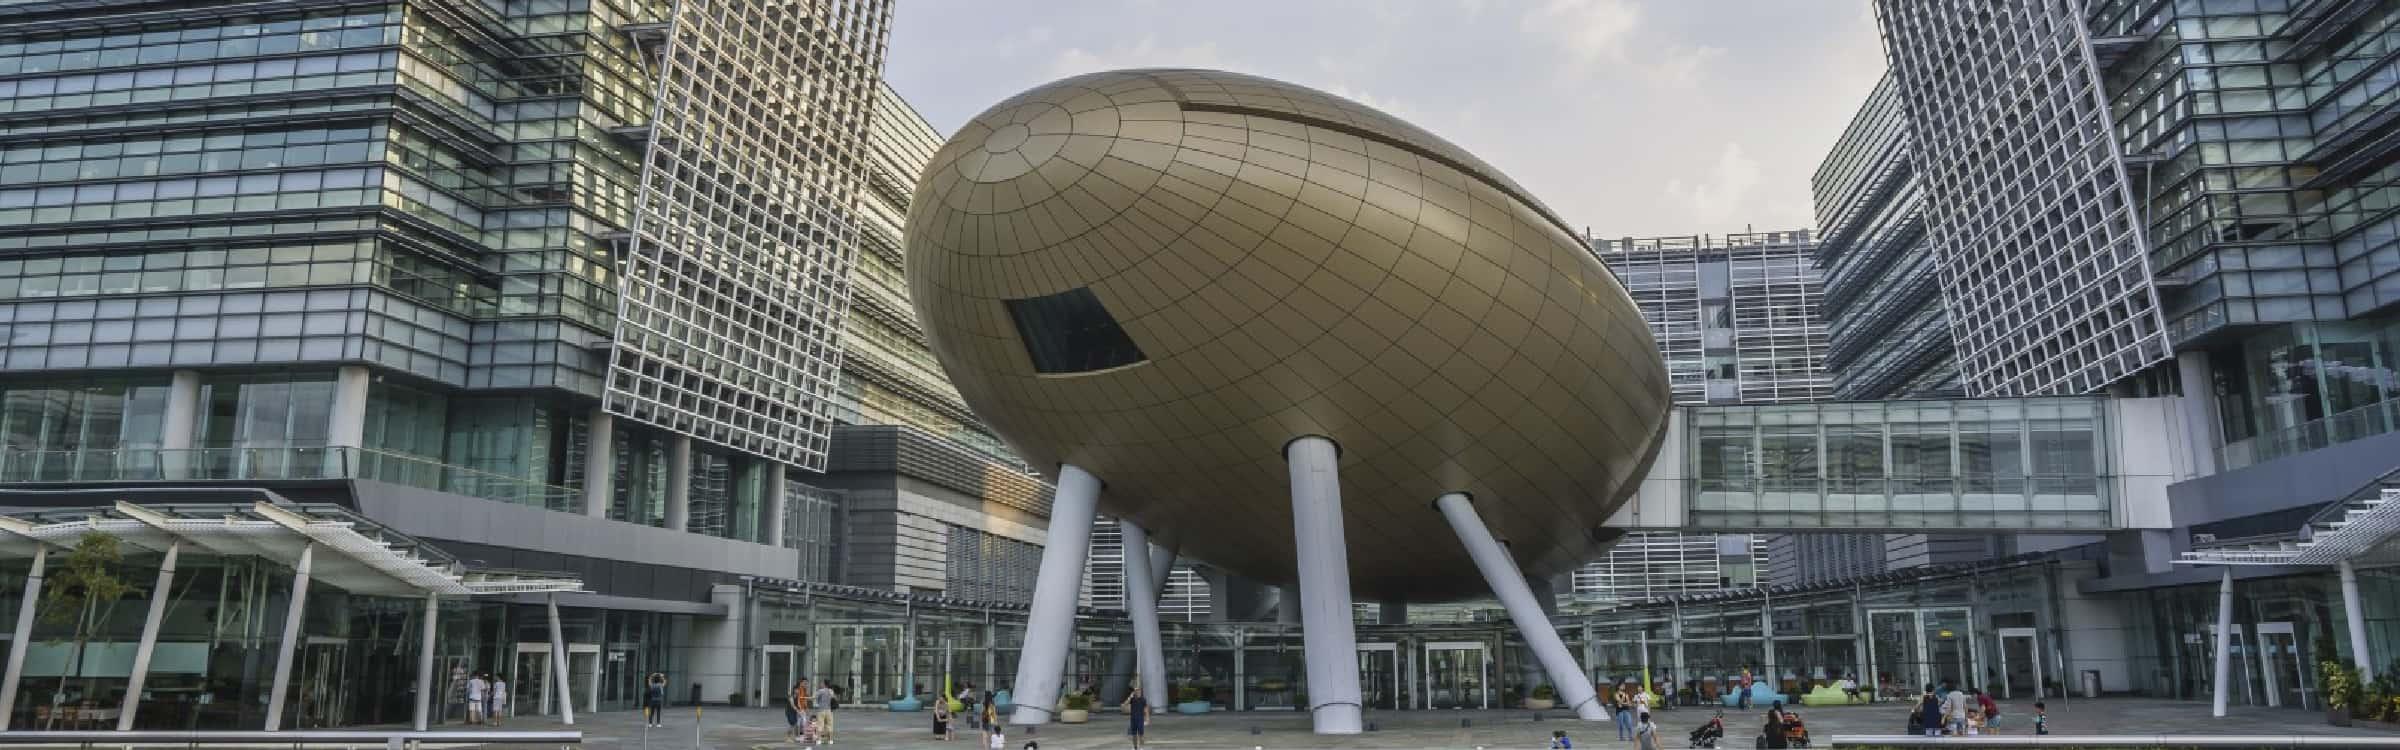 Hong-Kong-Science-Park-Banner-2400-x-750